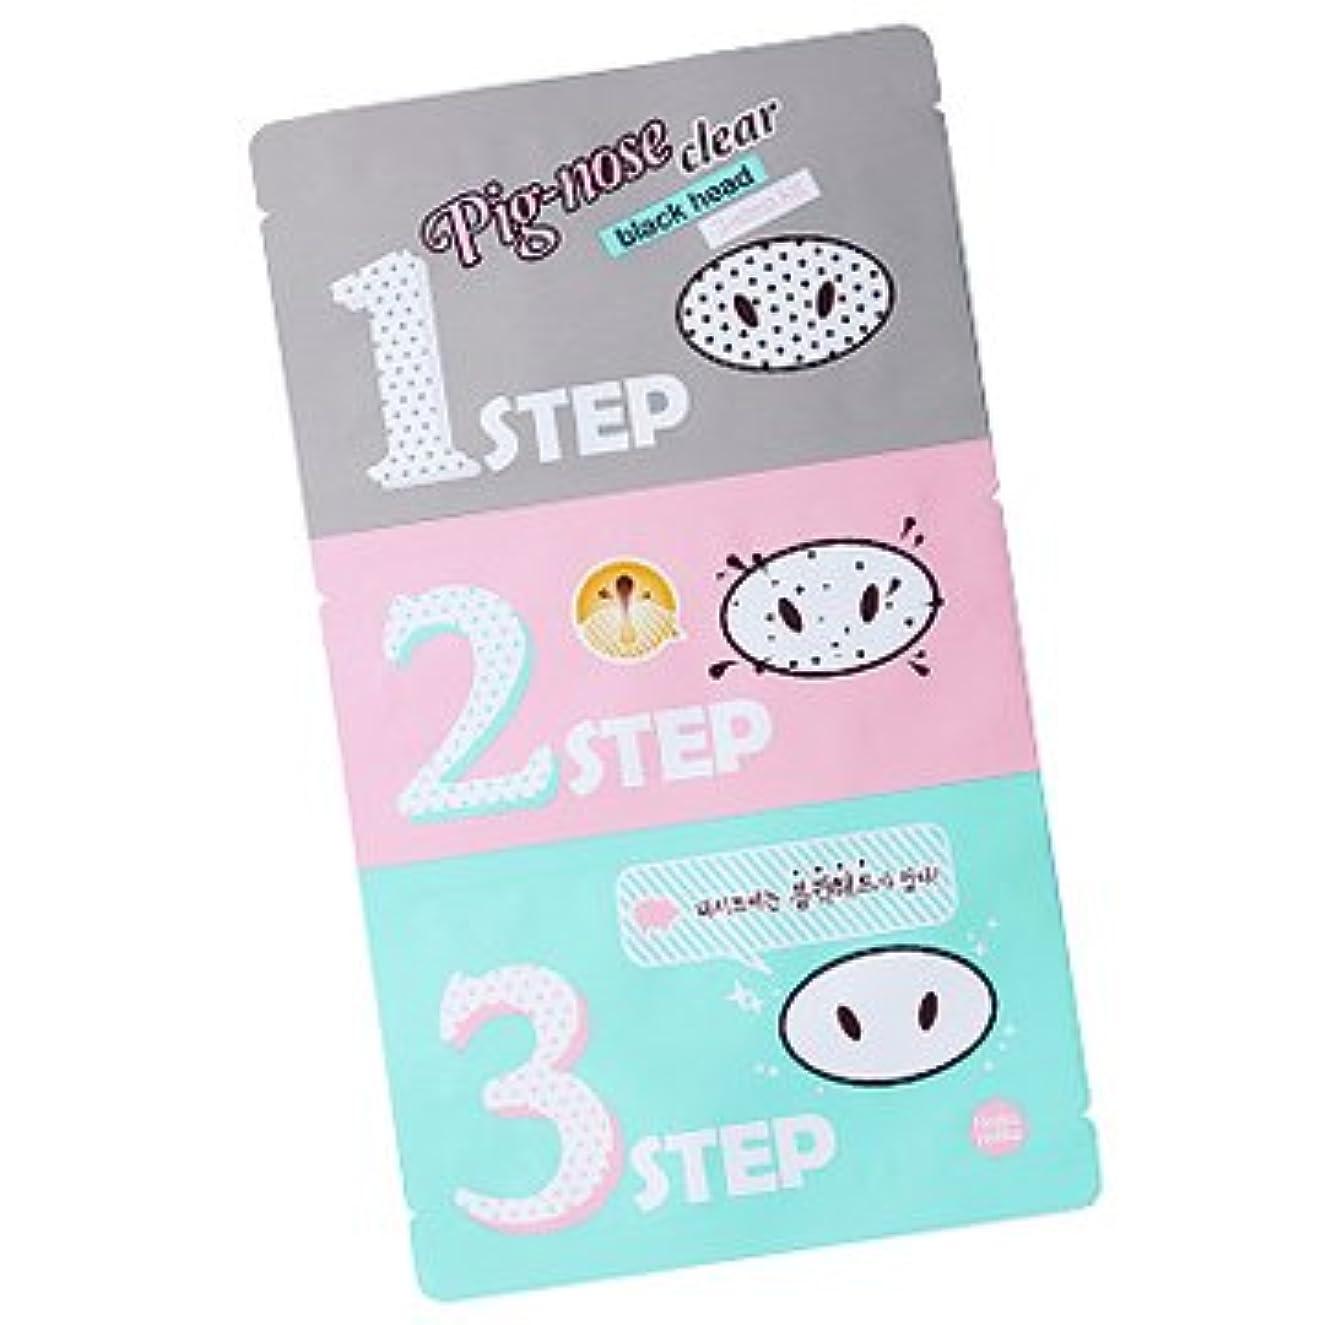 二層通り抜ける札入れHolika Holika Pig Nose Clear Black Head 3-Step Kit 10EA (Nose Pack) ホリカホリカ ピグノーズクリアブラックヘッド3-Stepキット(鼻パック) 10pcs...